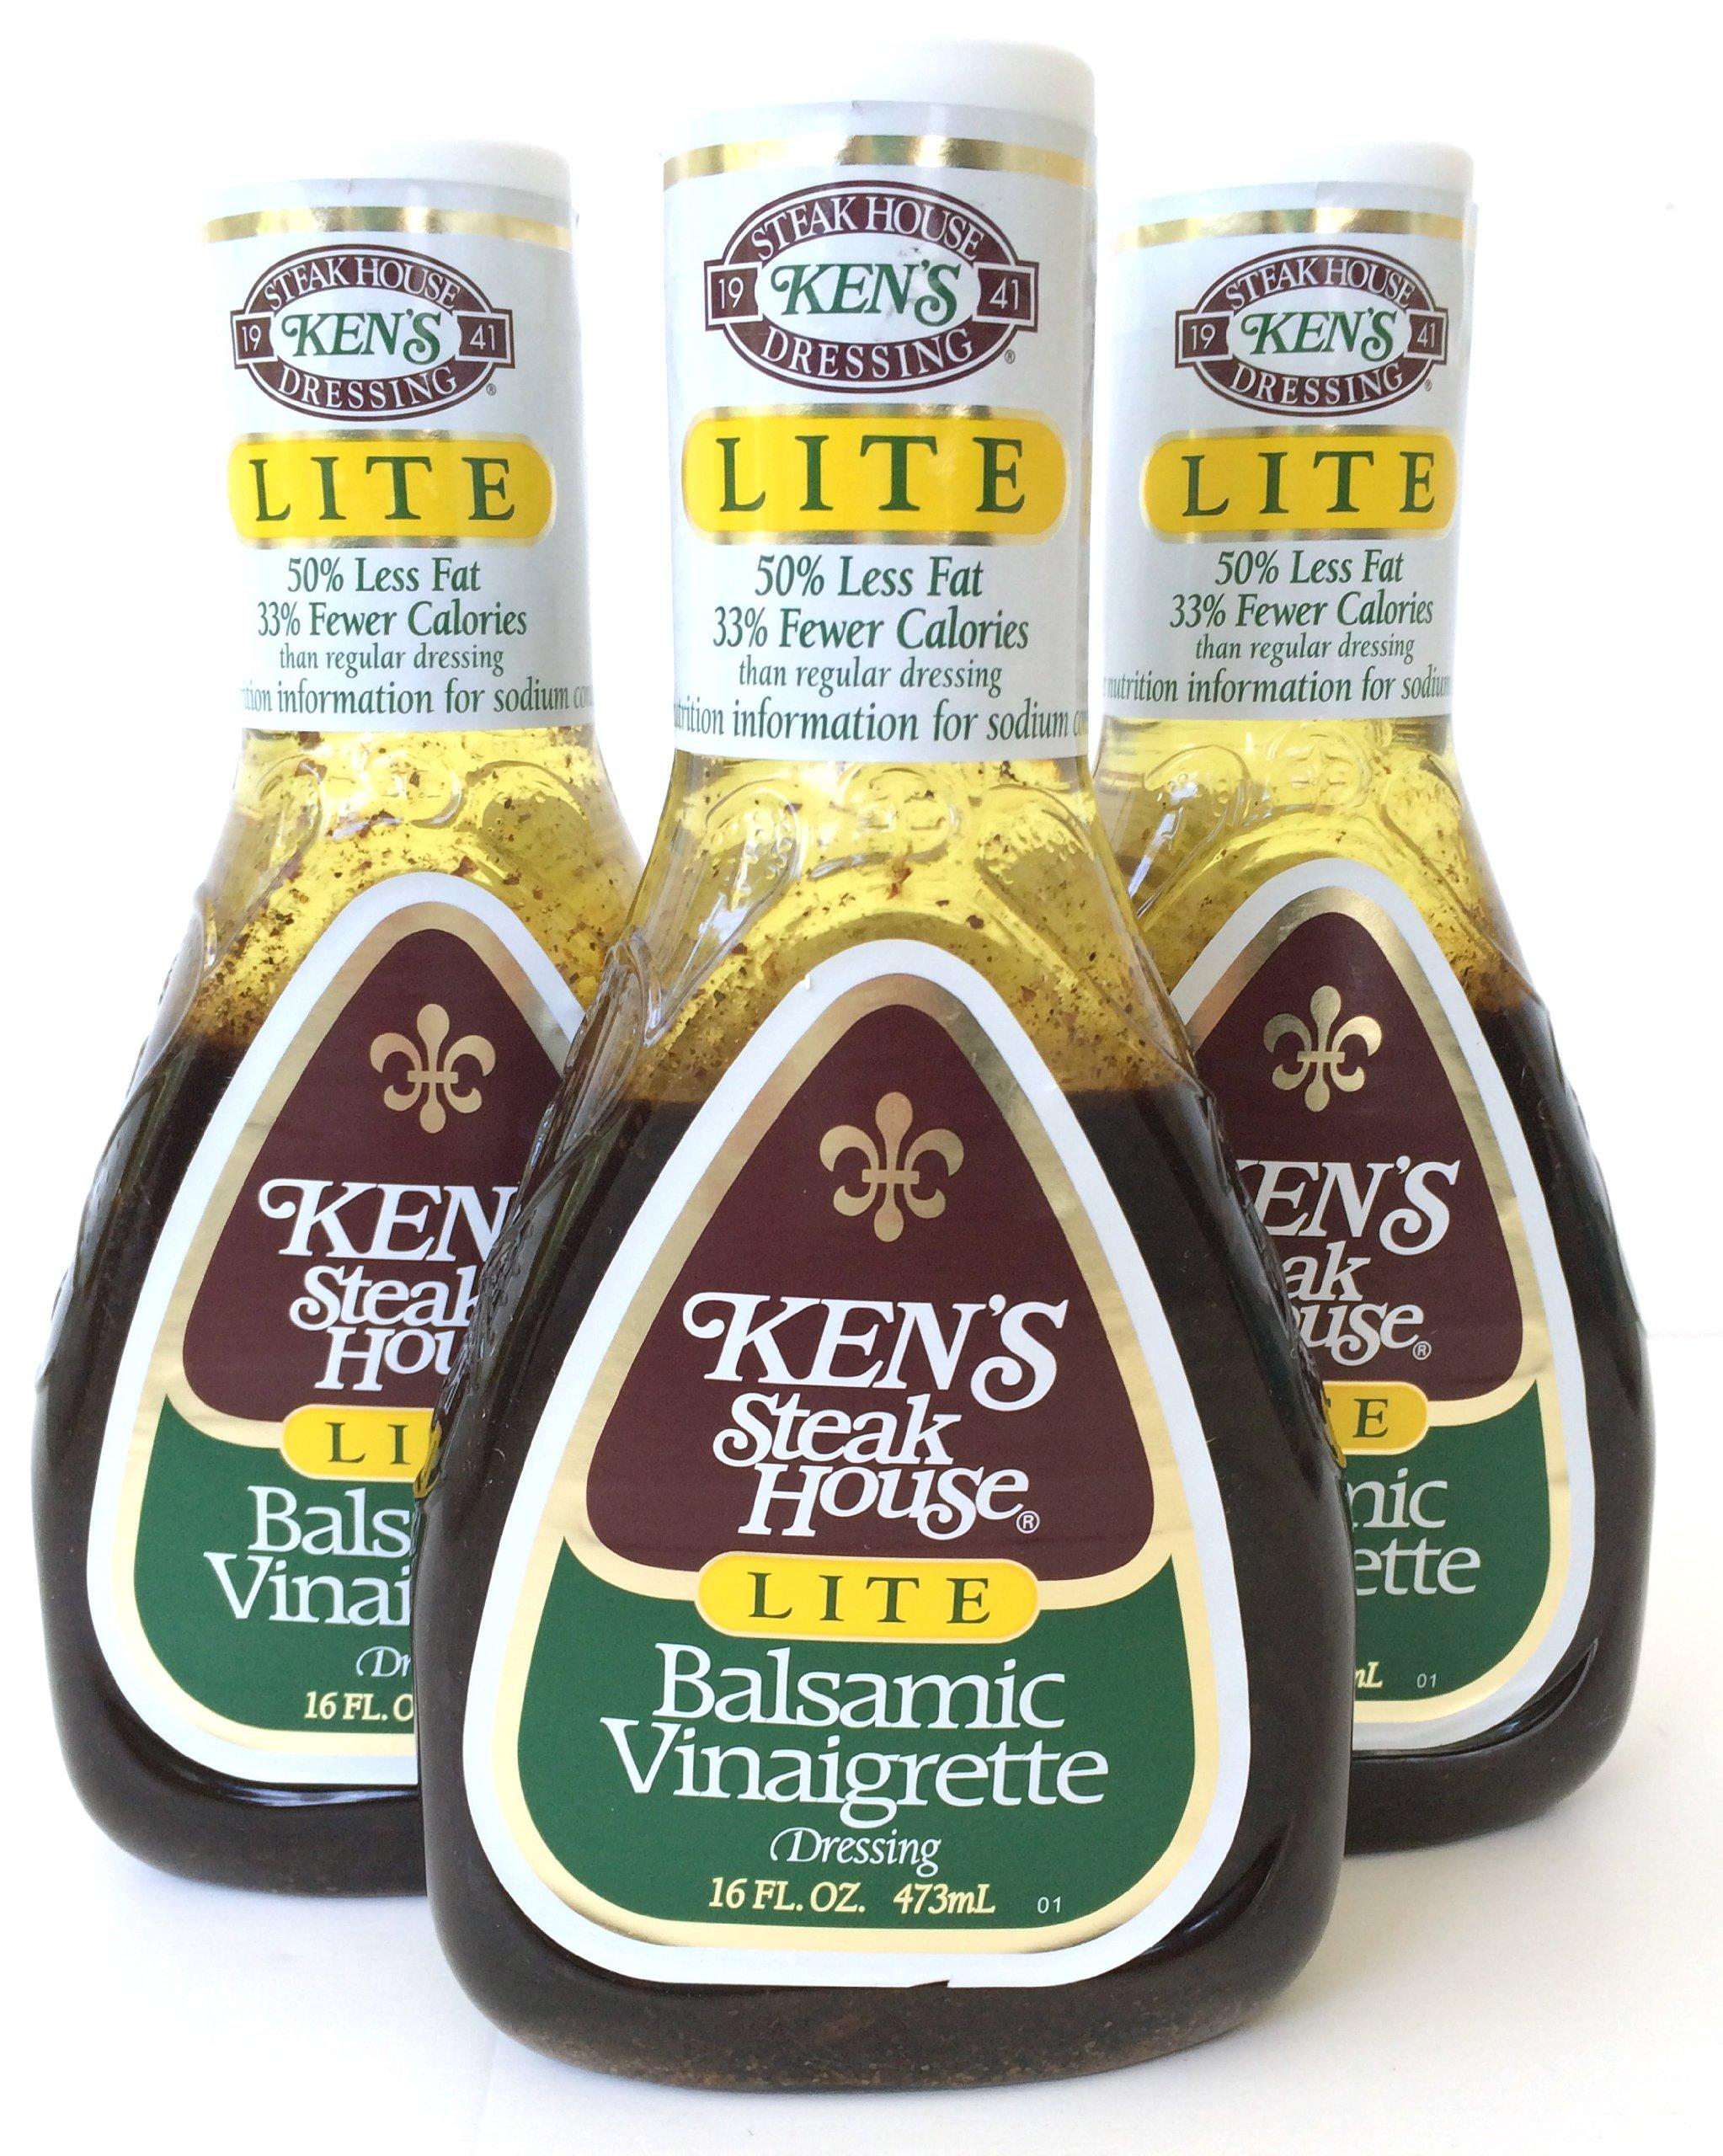 Kens Steak House Lite Balsamic Vinaigrette Dressing, 16 Ounce (Pack of 3) by Ken's Steak House